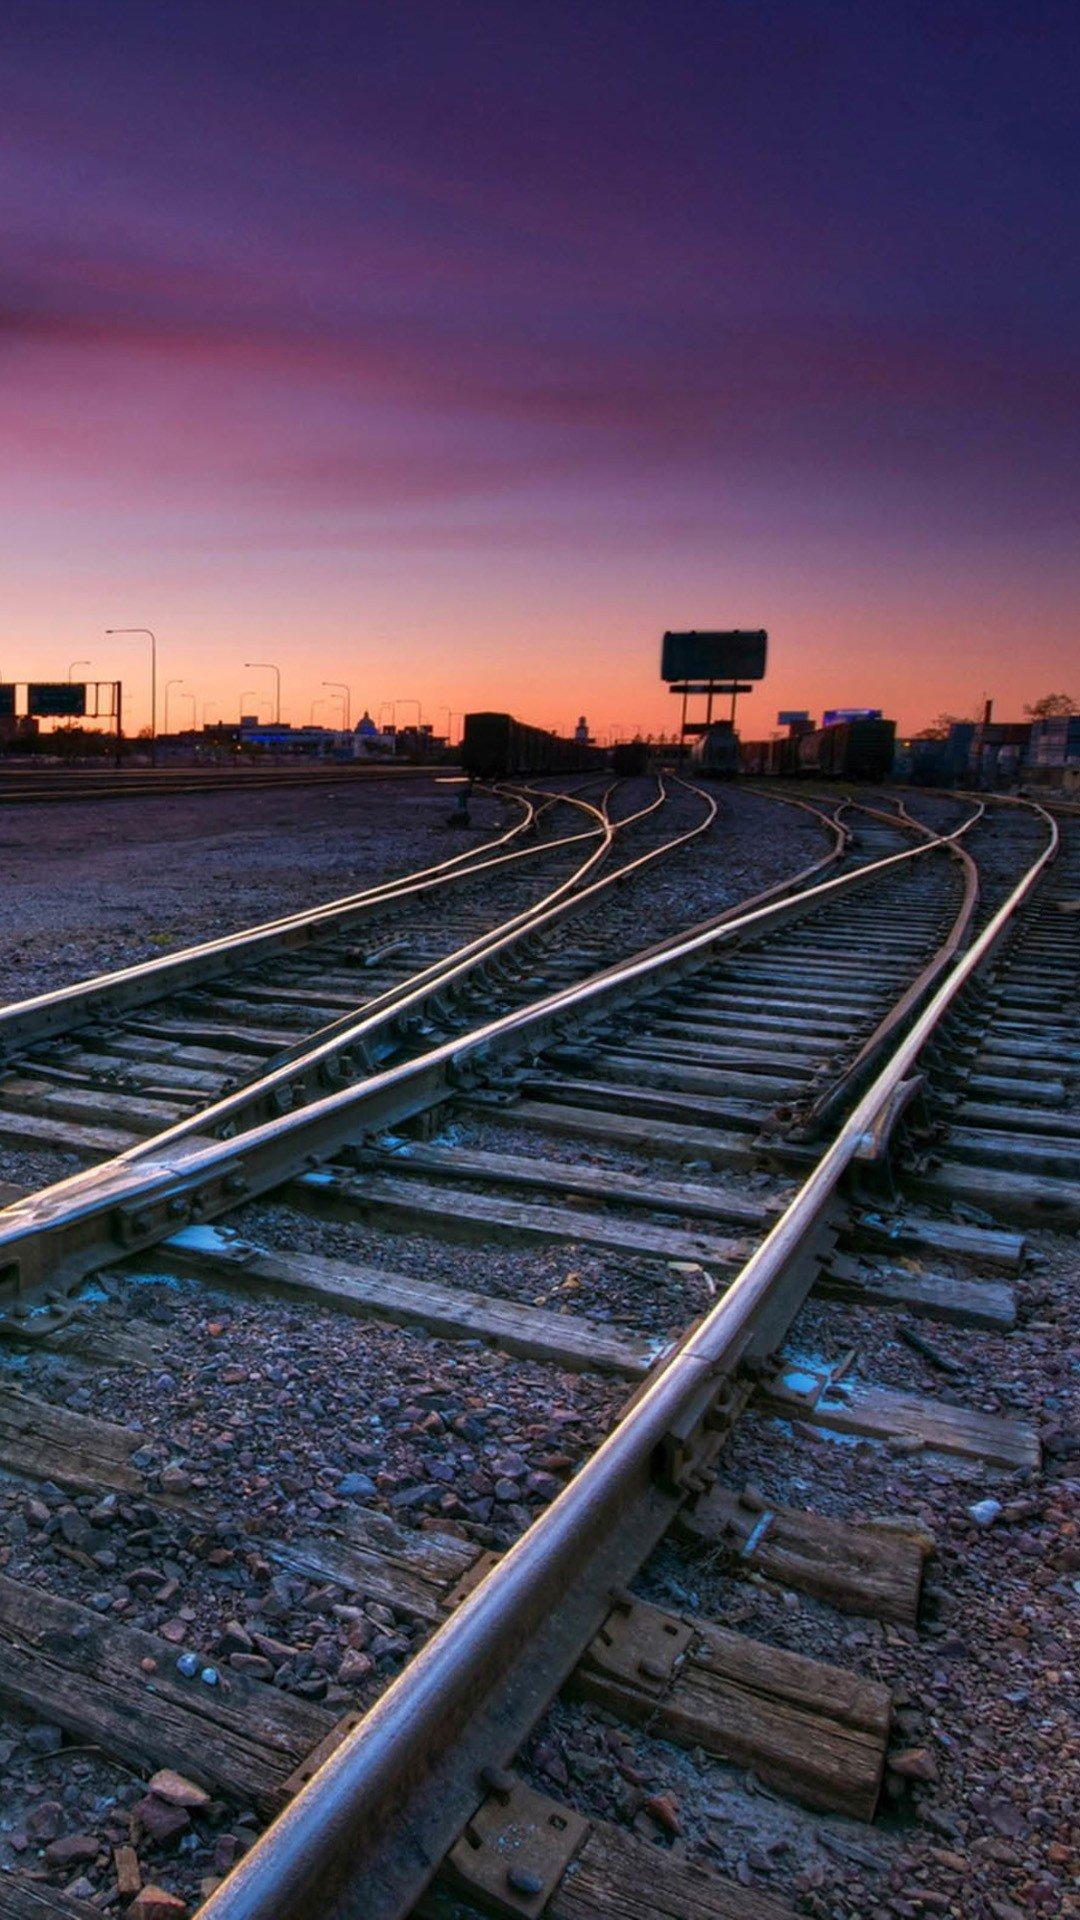 Hd train tracks wallpaper wallpapersafari Smartphone wallpaper hd